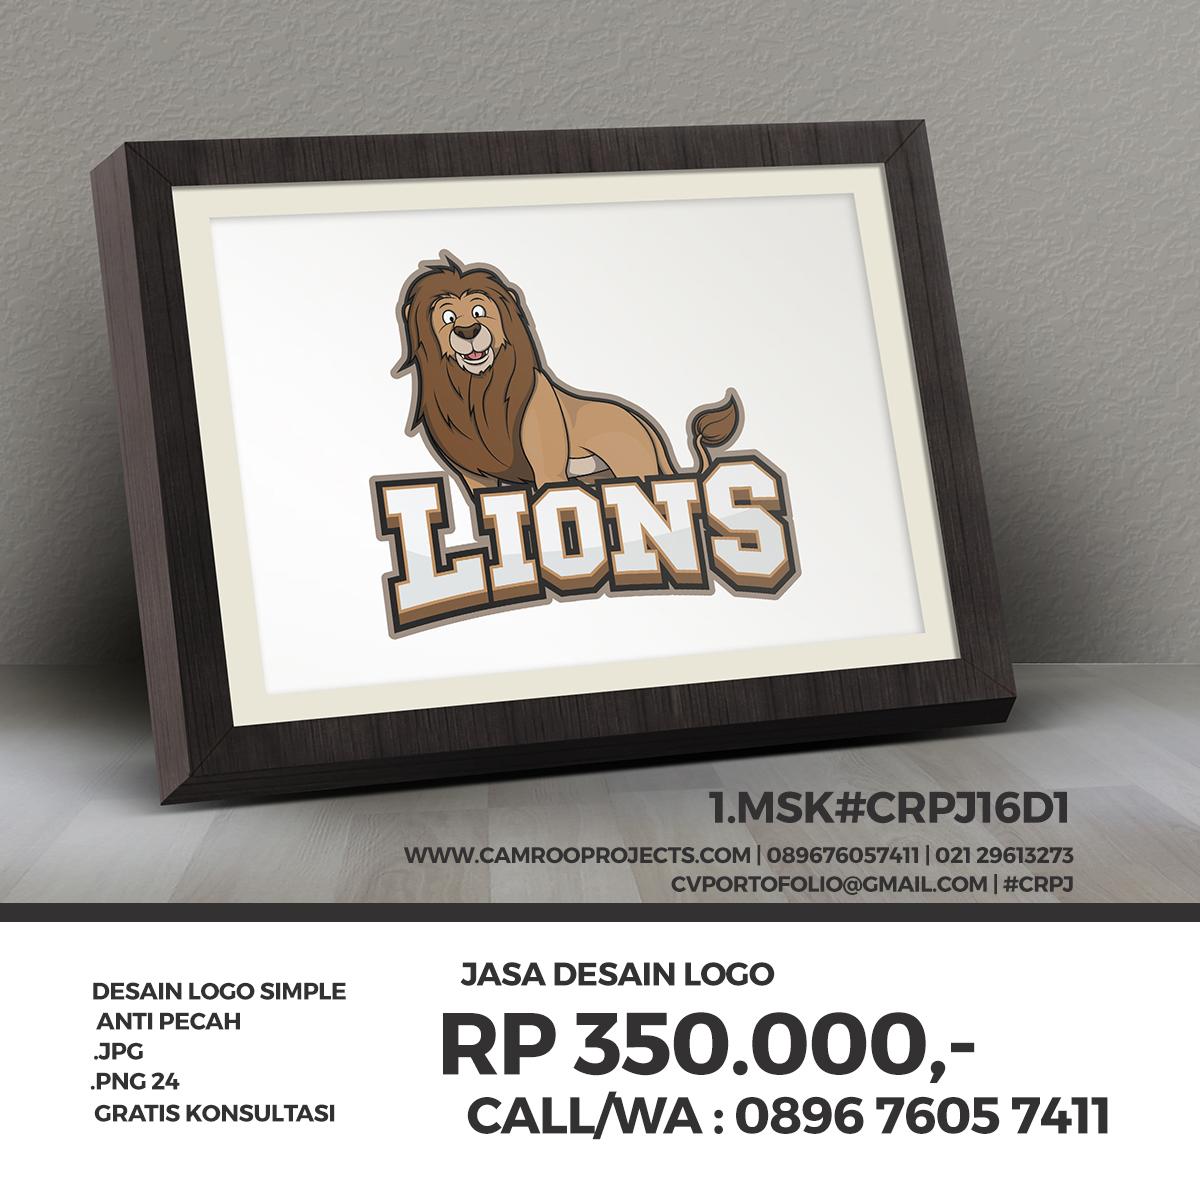 Jasa Desain Logo Berkualitas Di Bogor